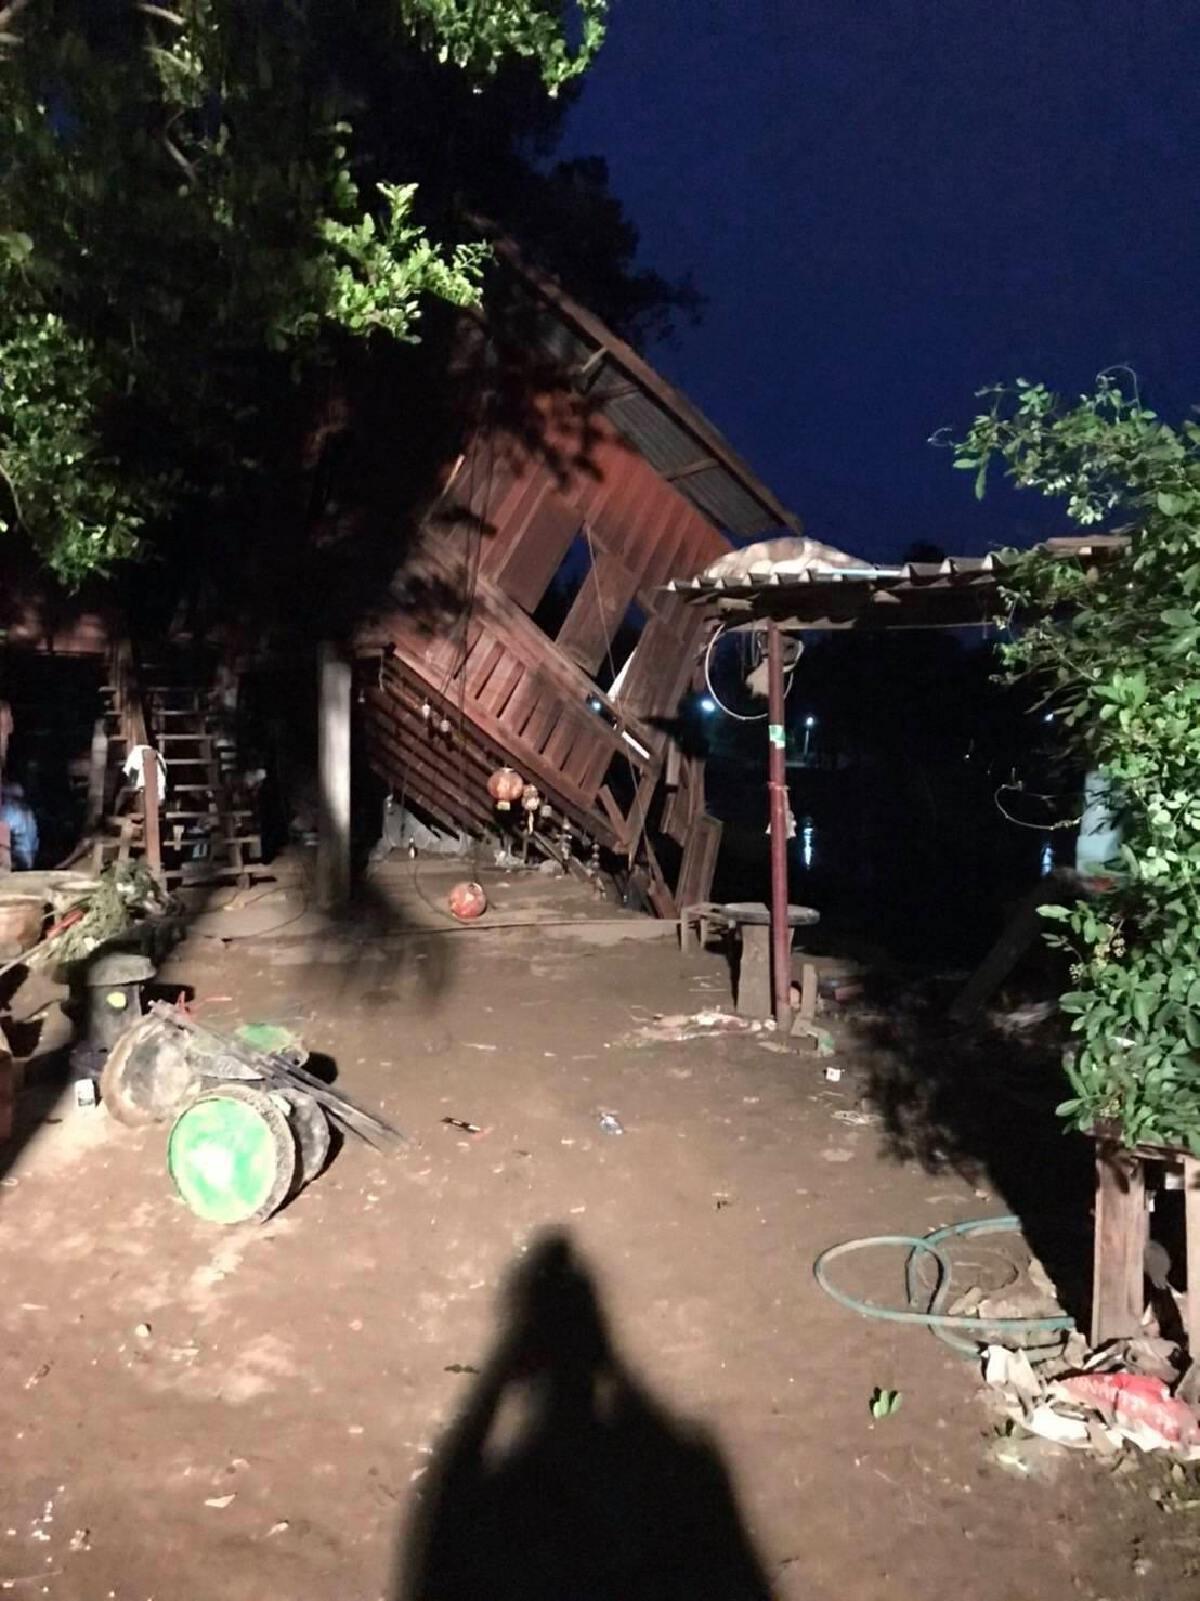 บ้านเรือนประชาชน ริมตลิ่ง ต.บ้านยาง ม.13 อำเภอเสาไห้ ล้มลงอีกหนึ่งหลัง